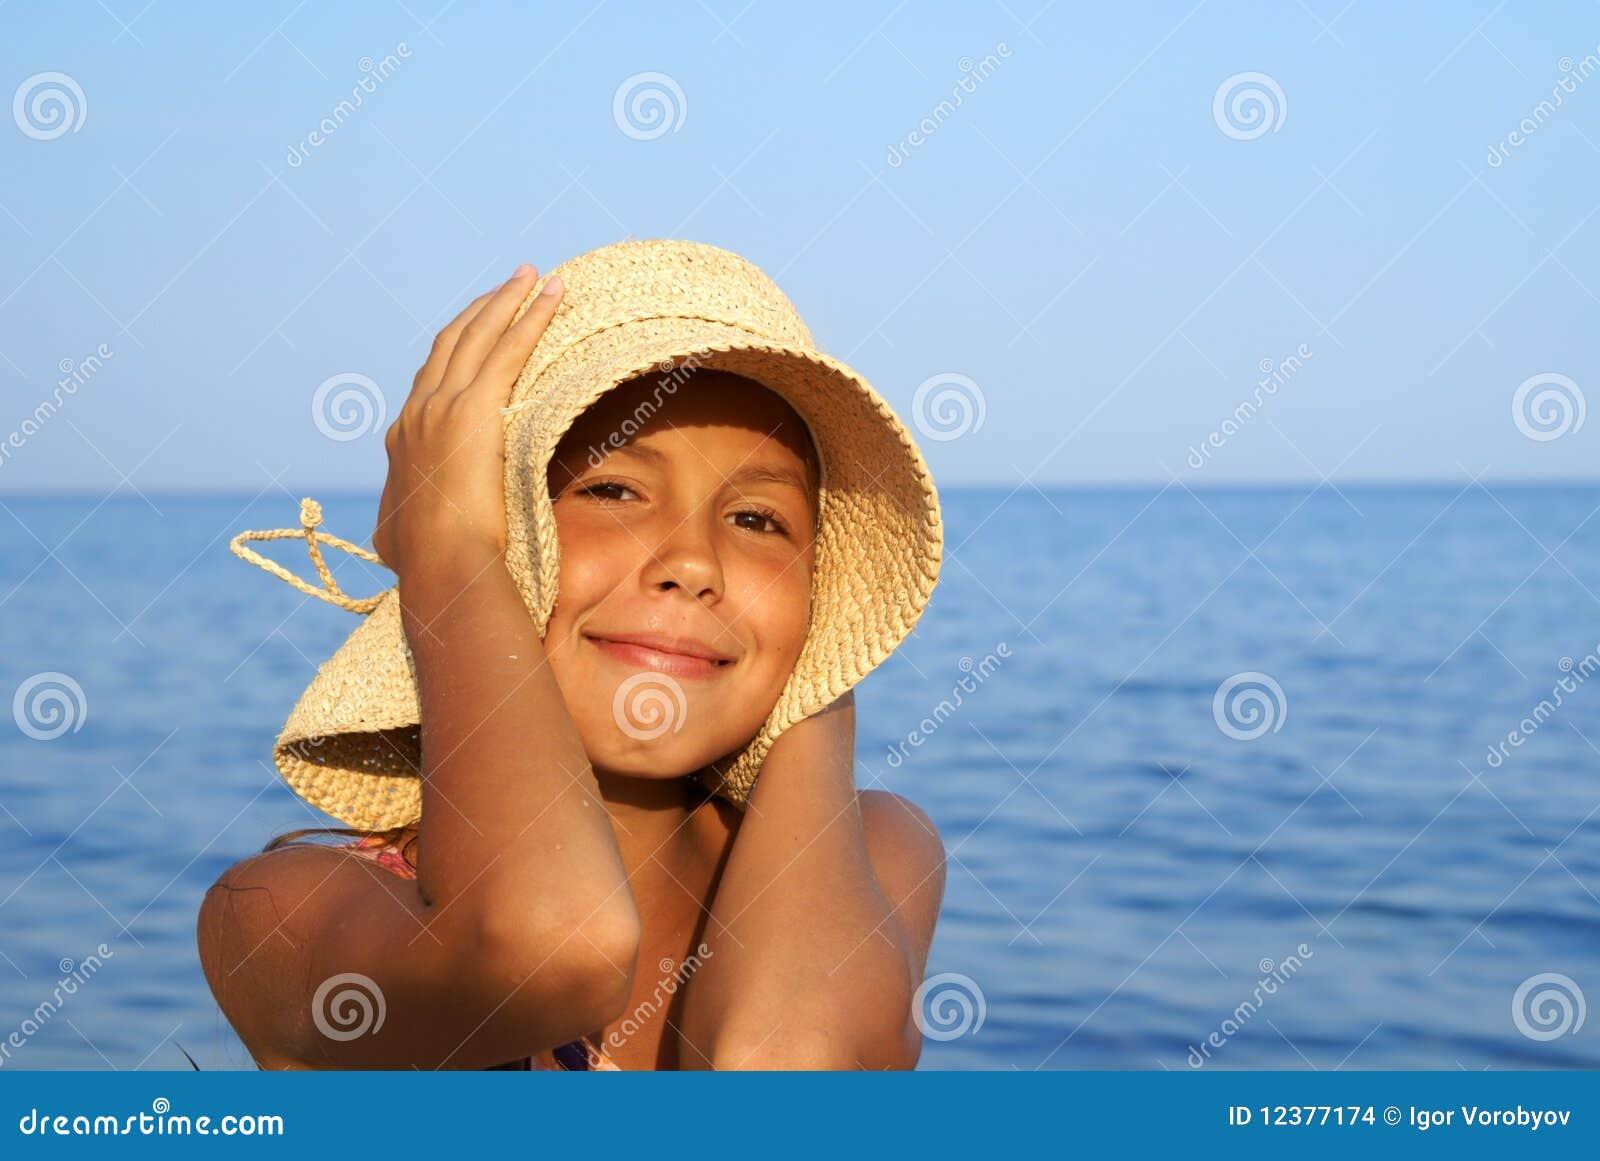 Preteen girl in straw hat enjoying sunbath on sea beach.